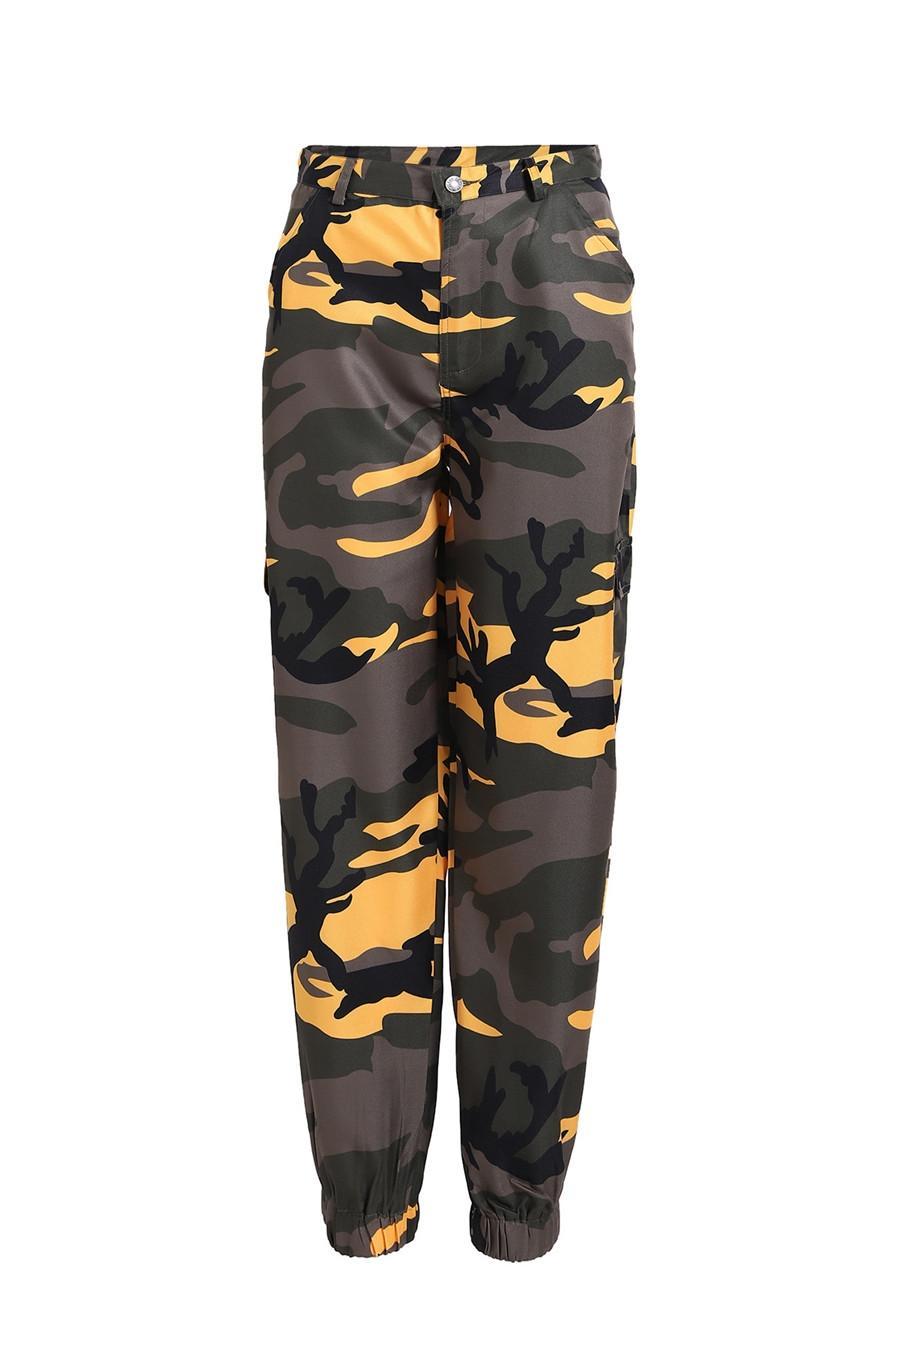 Новая мода Повседневный Натяжные Узкие джинсы Брюки Обтягивающие штаны сплошной цвет Jeans Men # 509